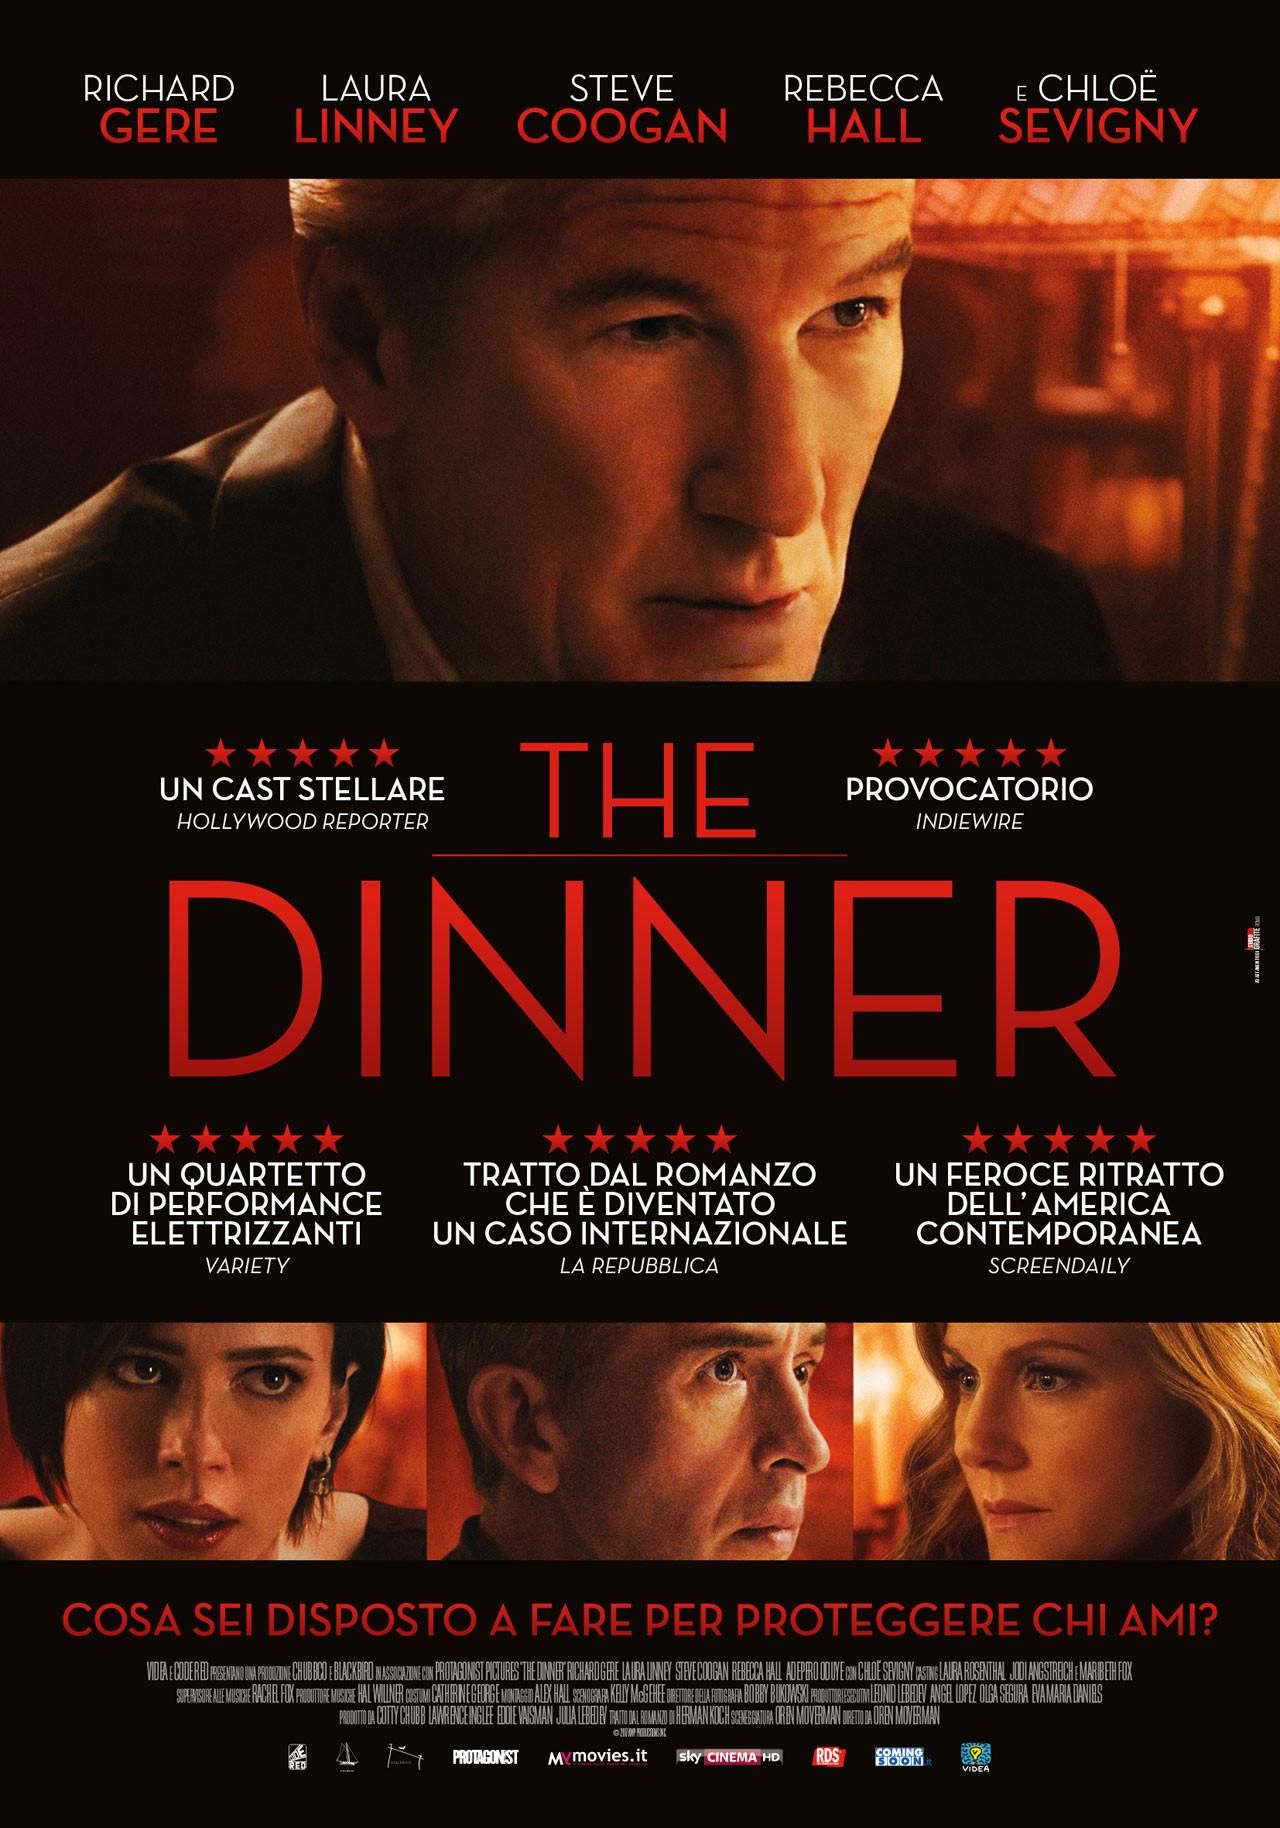 The Dinner Cast  The Dinner il poster italiano del film con Richard Gere